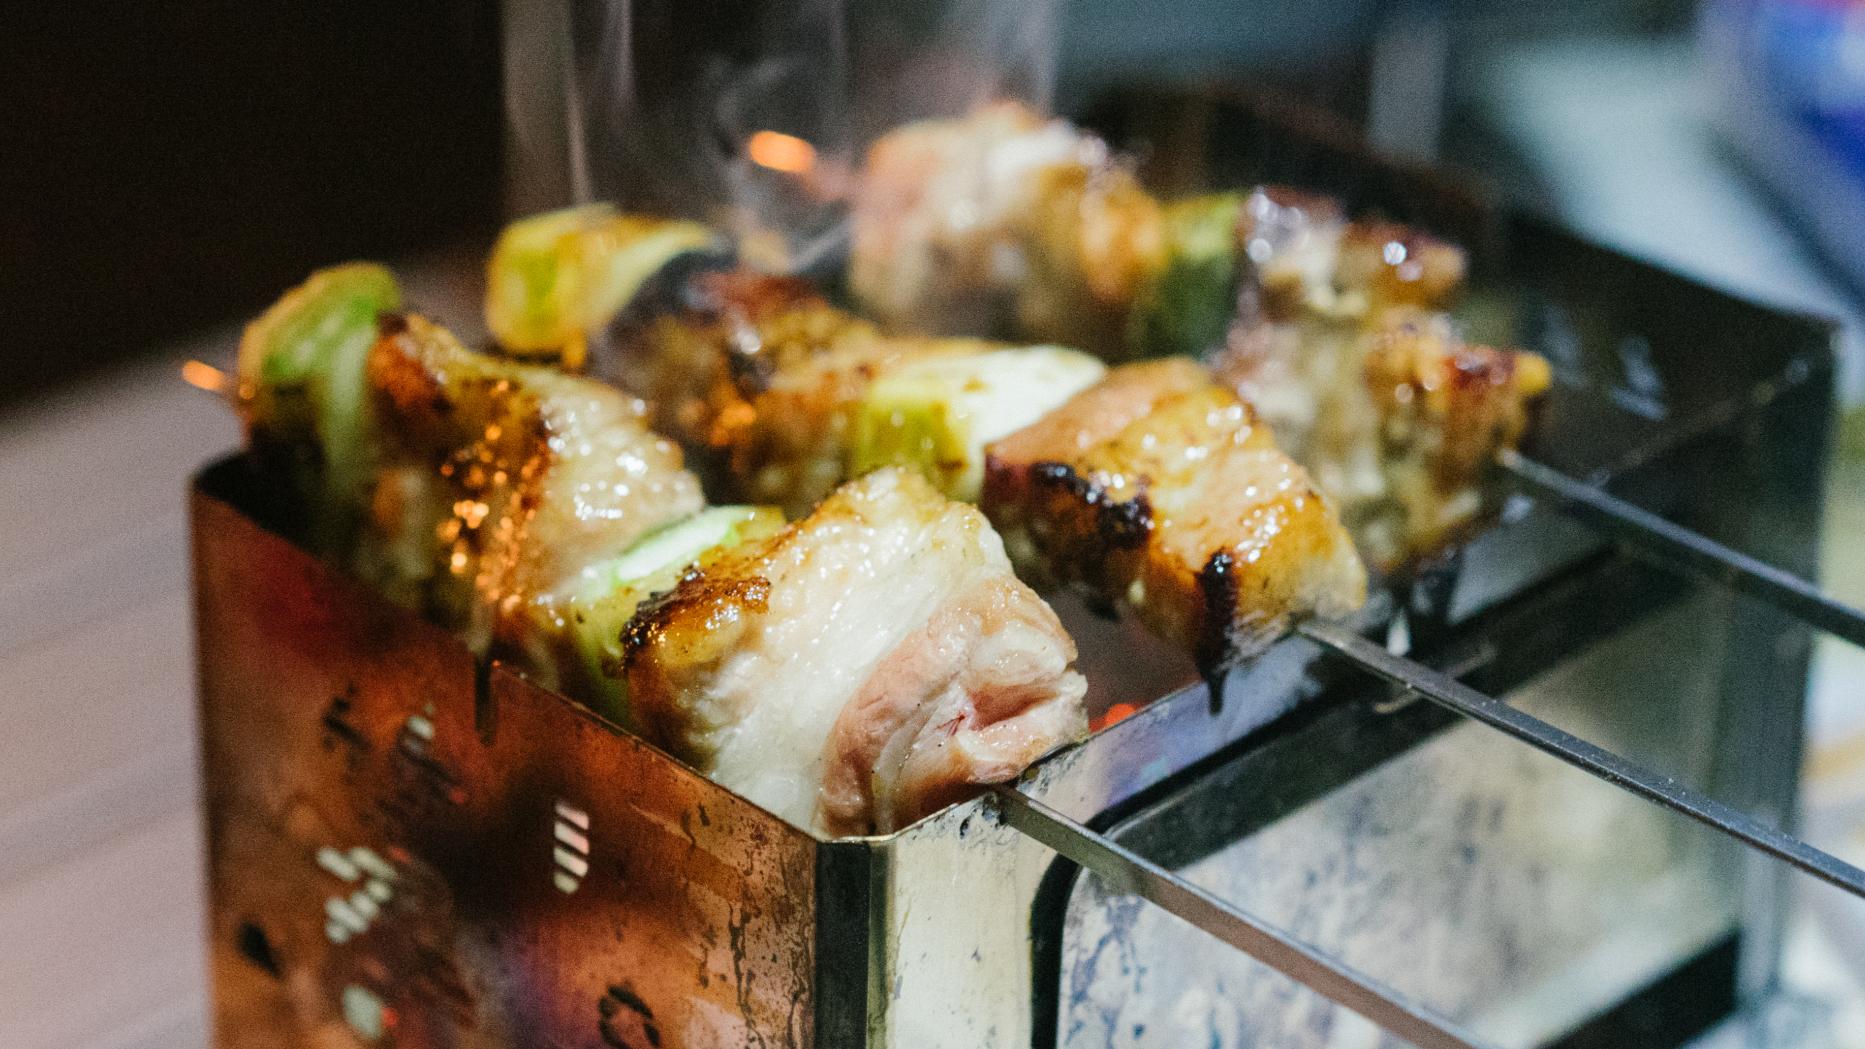 露营饭 | 冬日露营 复刻芝麻凛烤肉串儿